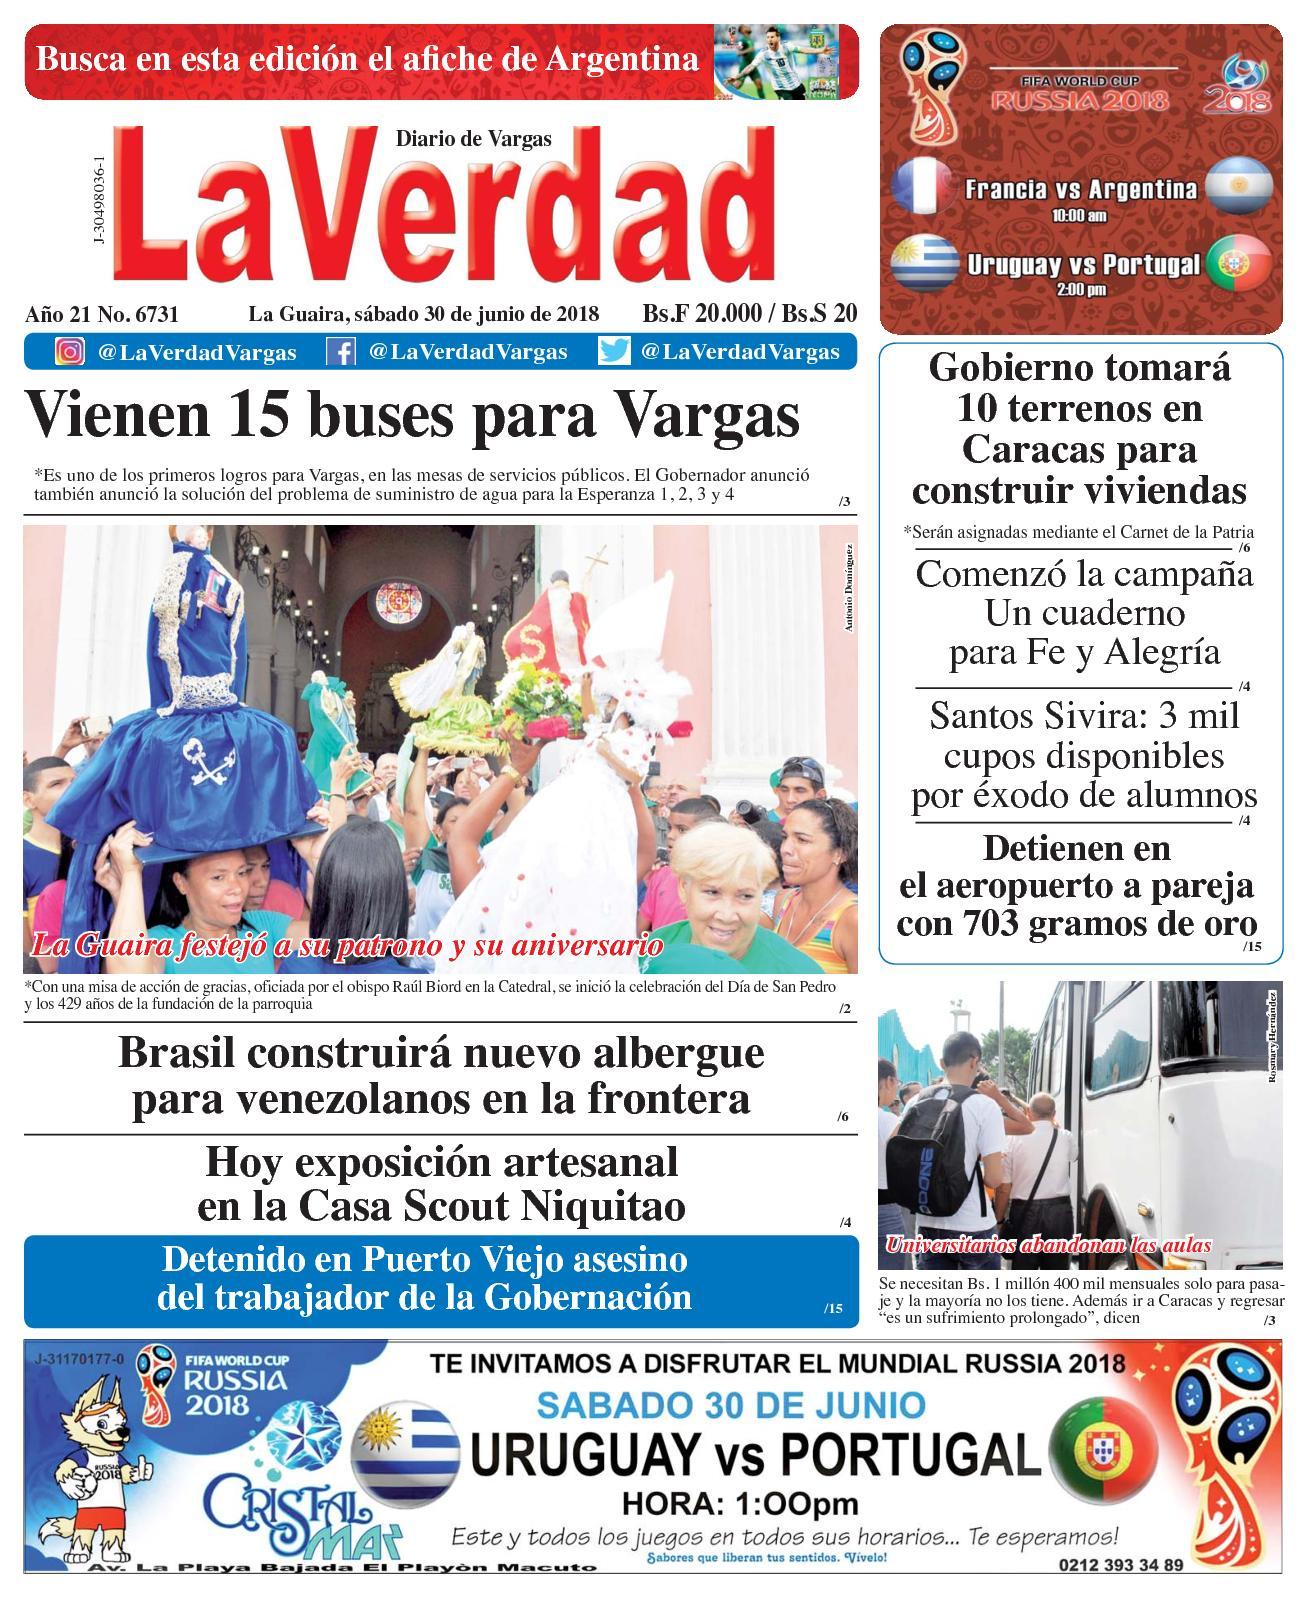 Calaméo - La Guaira, sábado 30 de junio de 2018. Año 20 No 6731